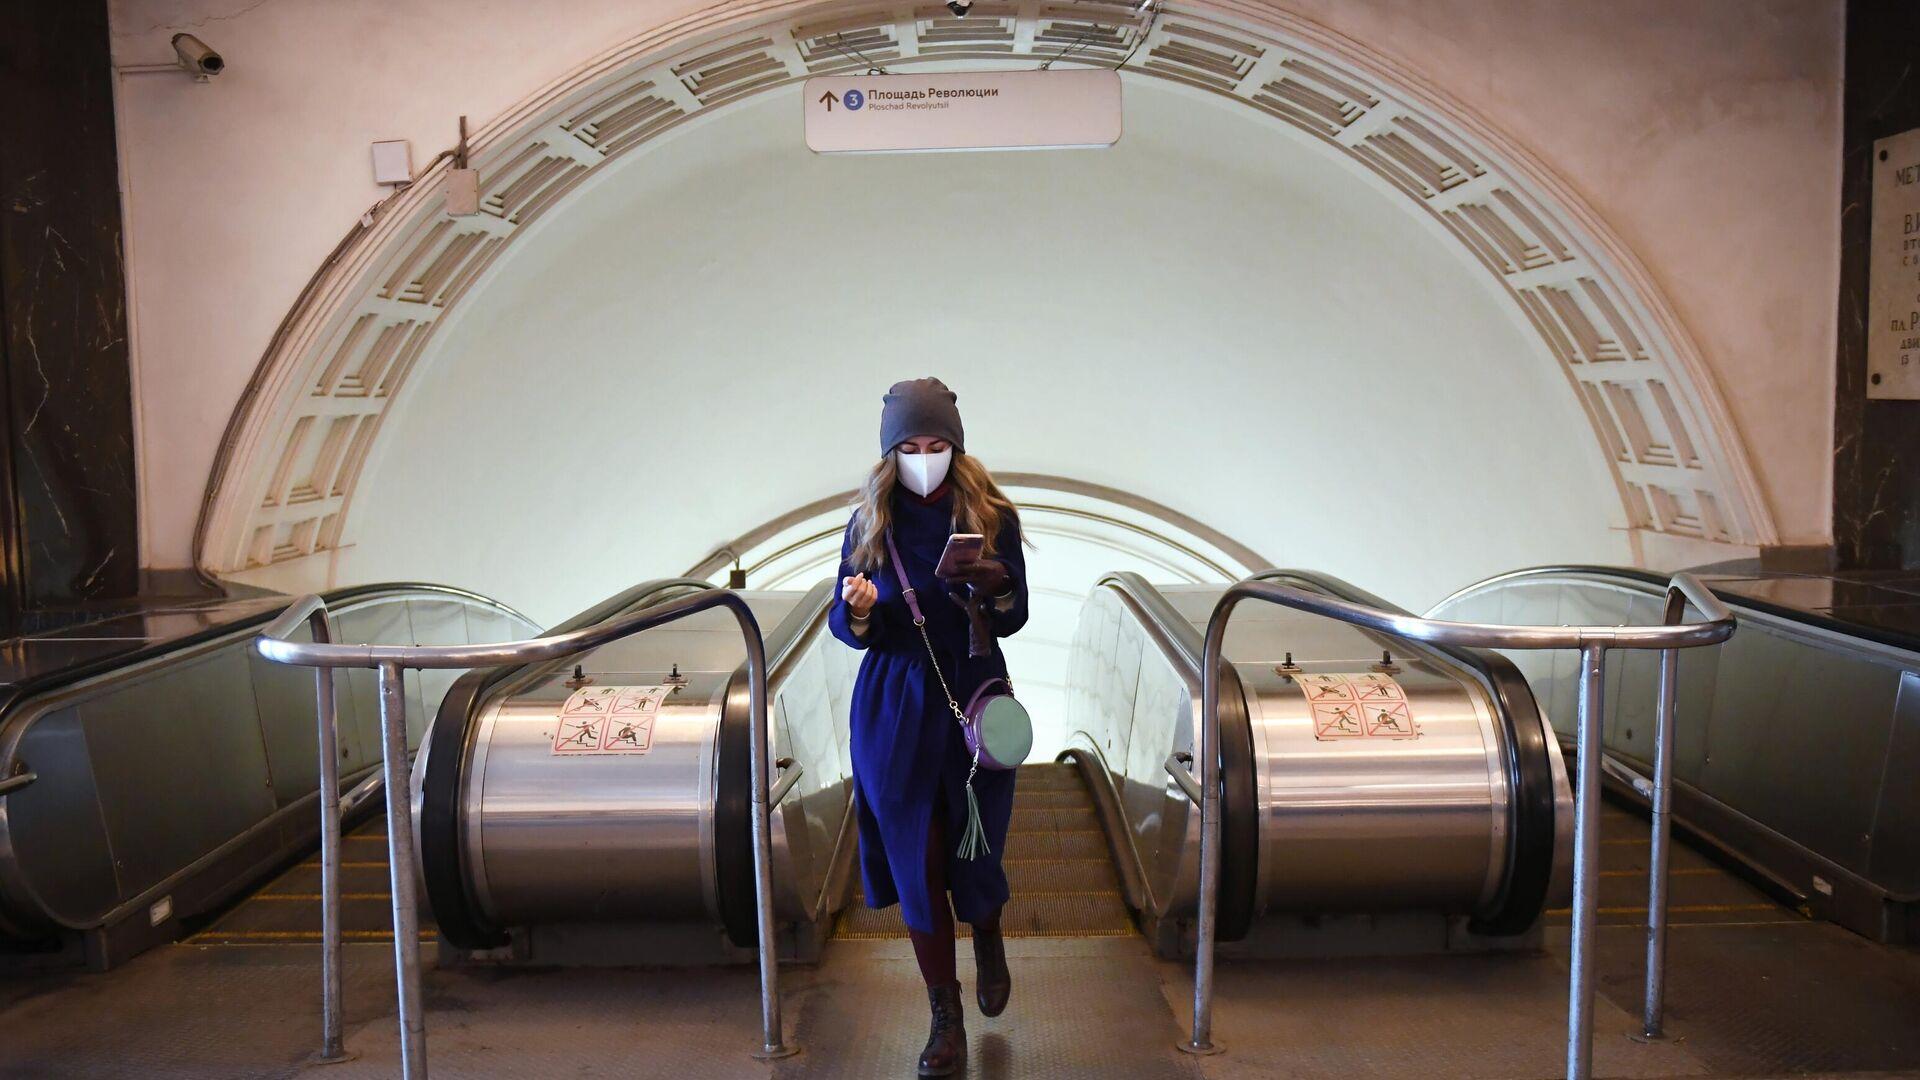 Девушка поднялась по эскалатору станции метро Площадь революции - РИА Новости, 1920, 14.01.2021